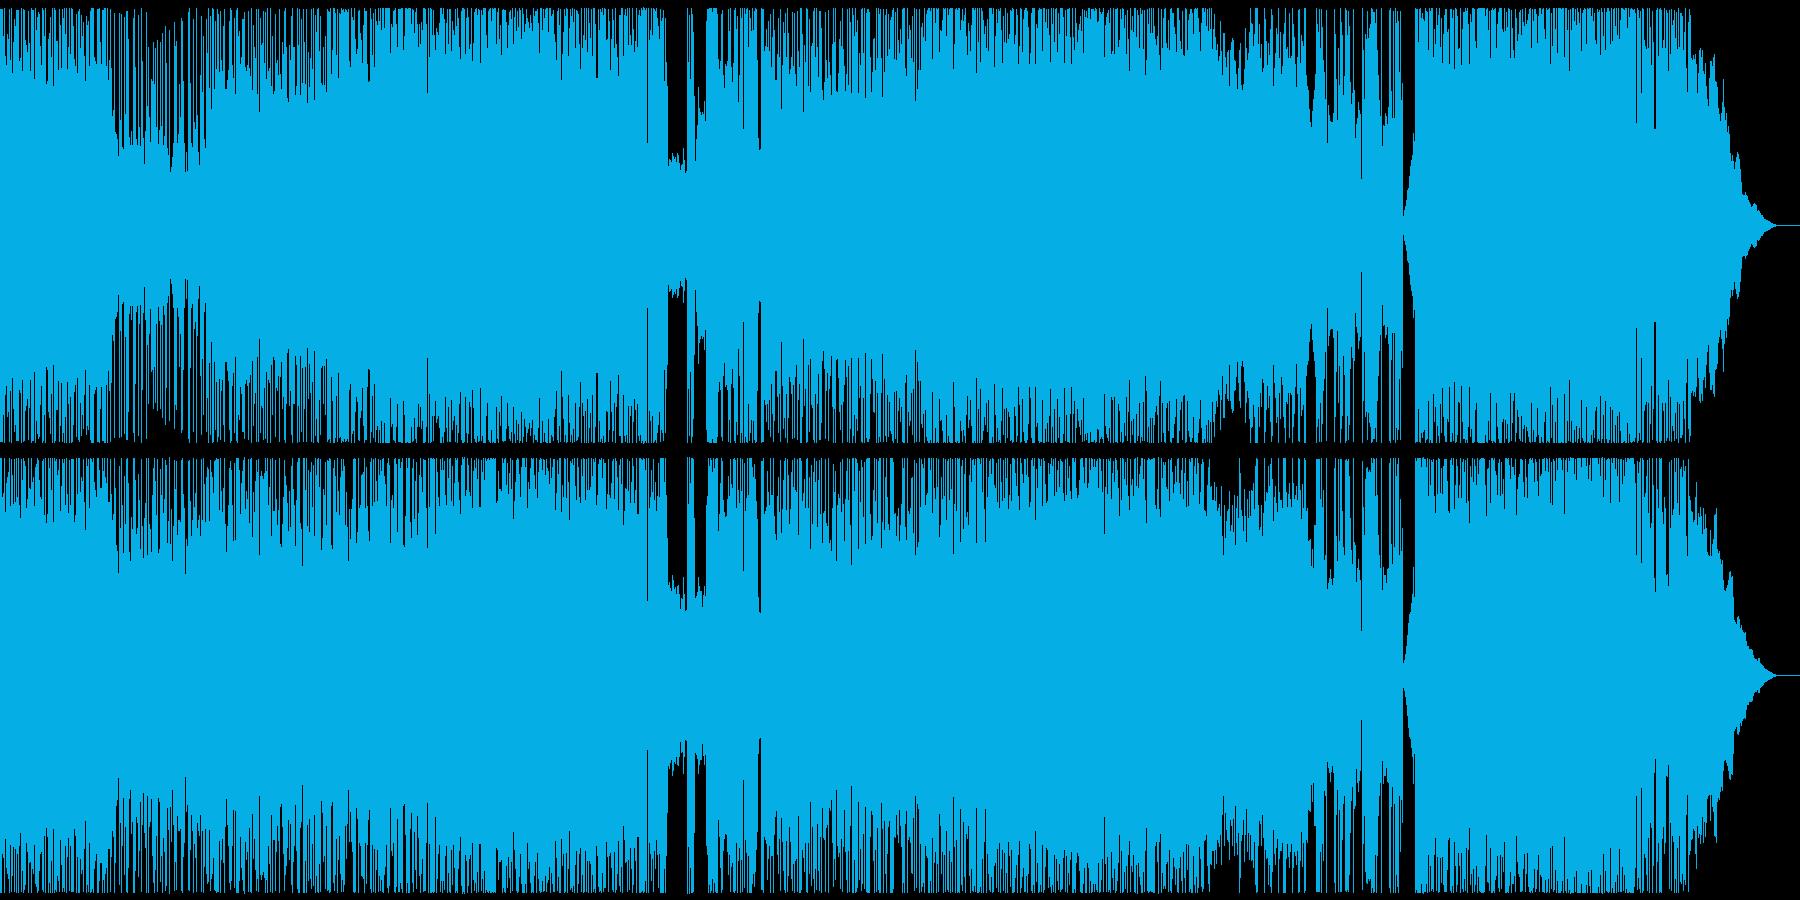 【パワフルギター生演奏】ポップHR 2の再生済みの波形